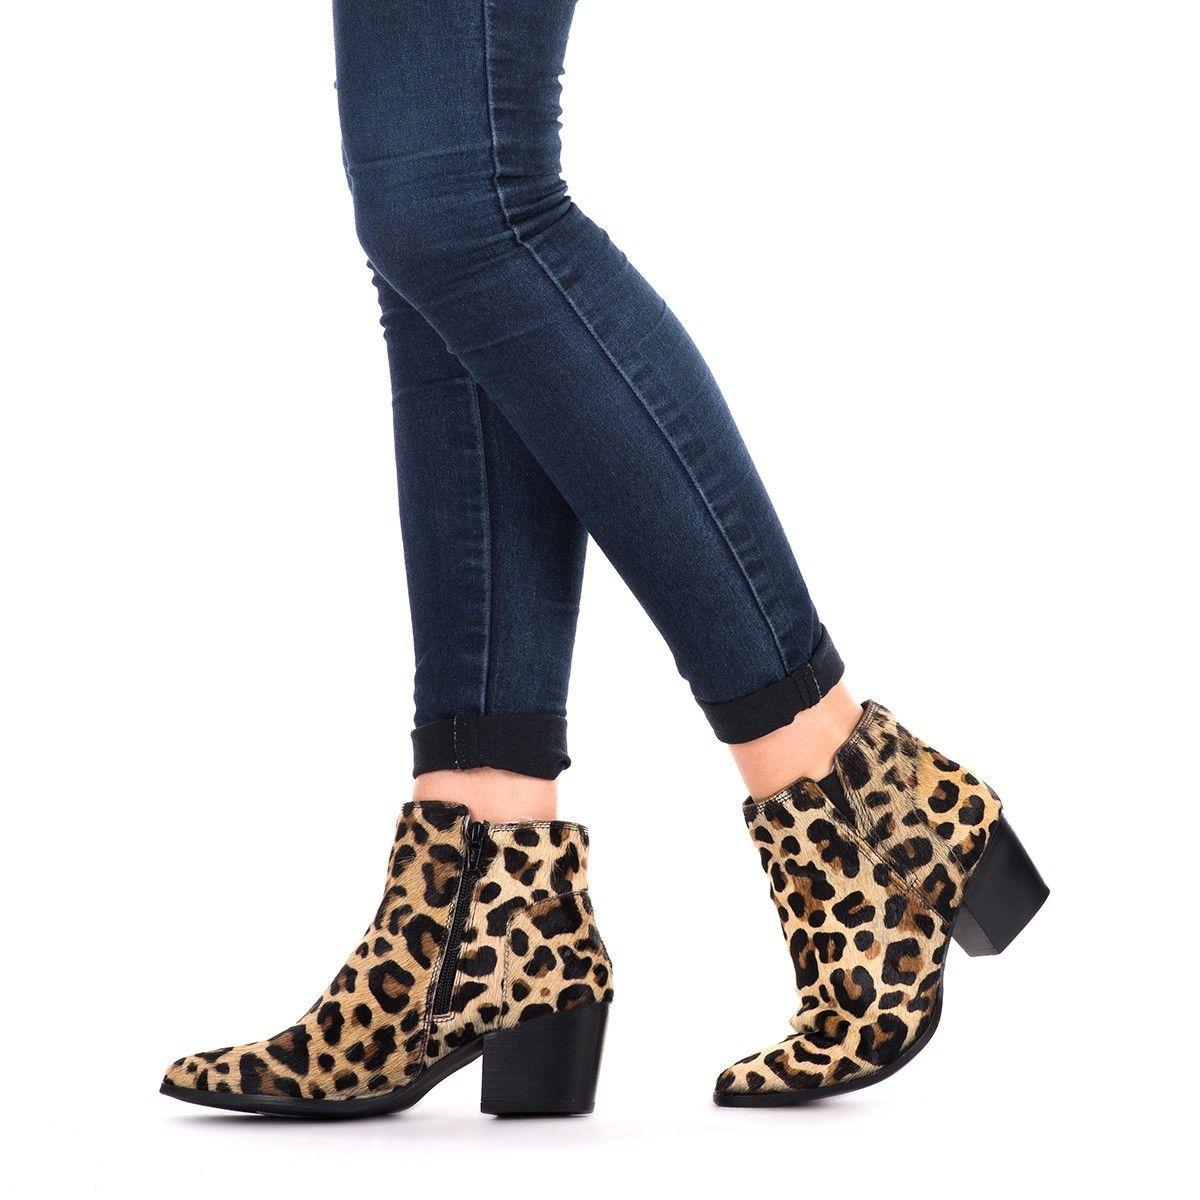 2b440f38fe8 Botín de mujer de piel en animal print de leopardo. Corte y plantilla en  piel. Atrévete a llevar estos botines salvajes.